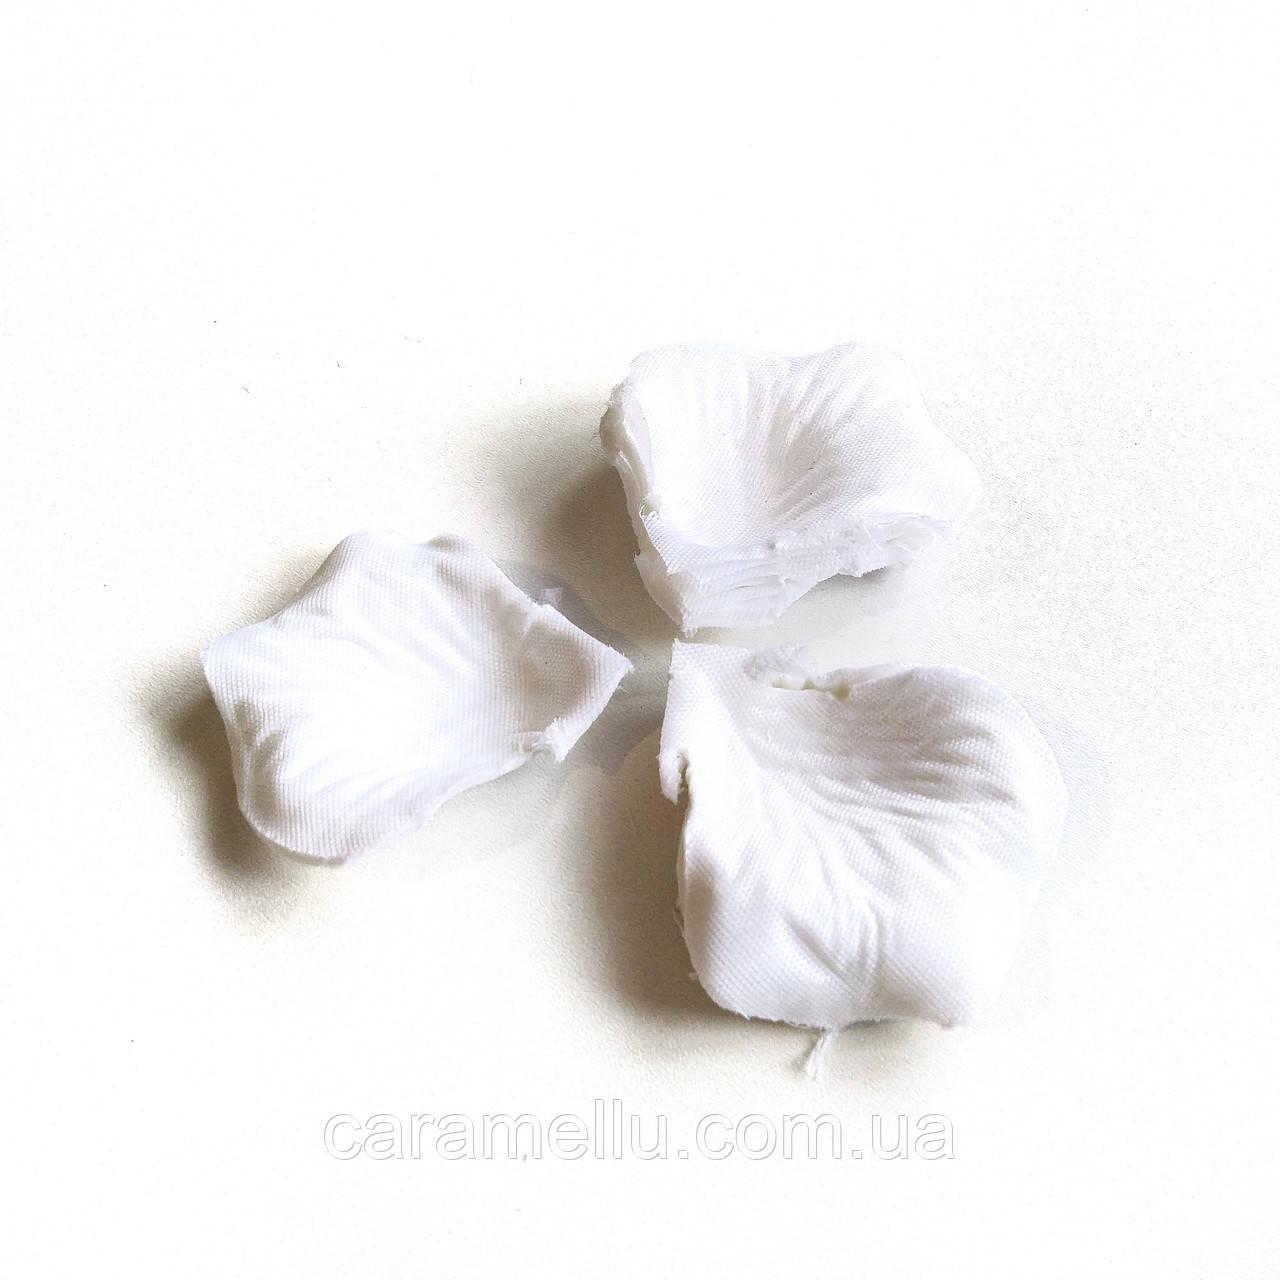 Лепестки роз. Около 150 шт. 24 г. Цвет белый.